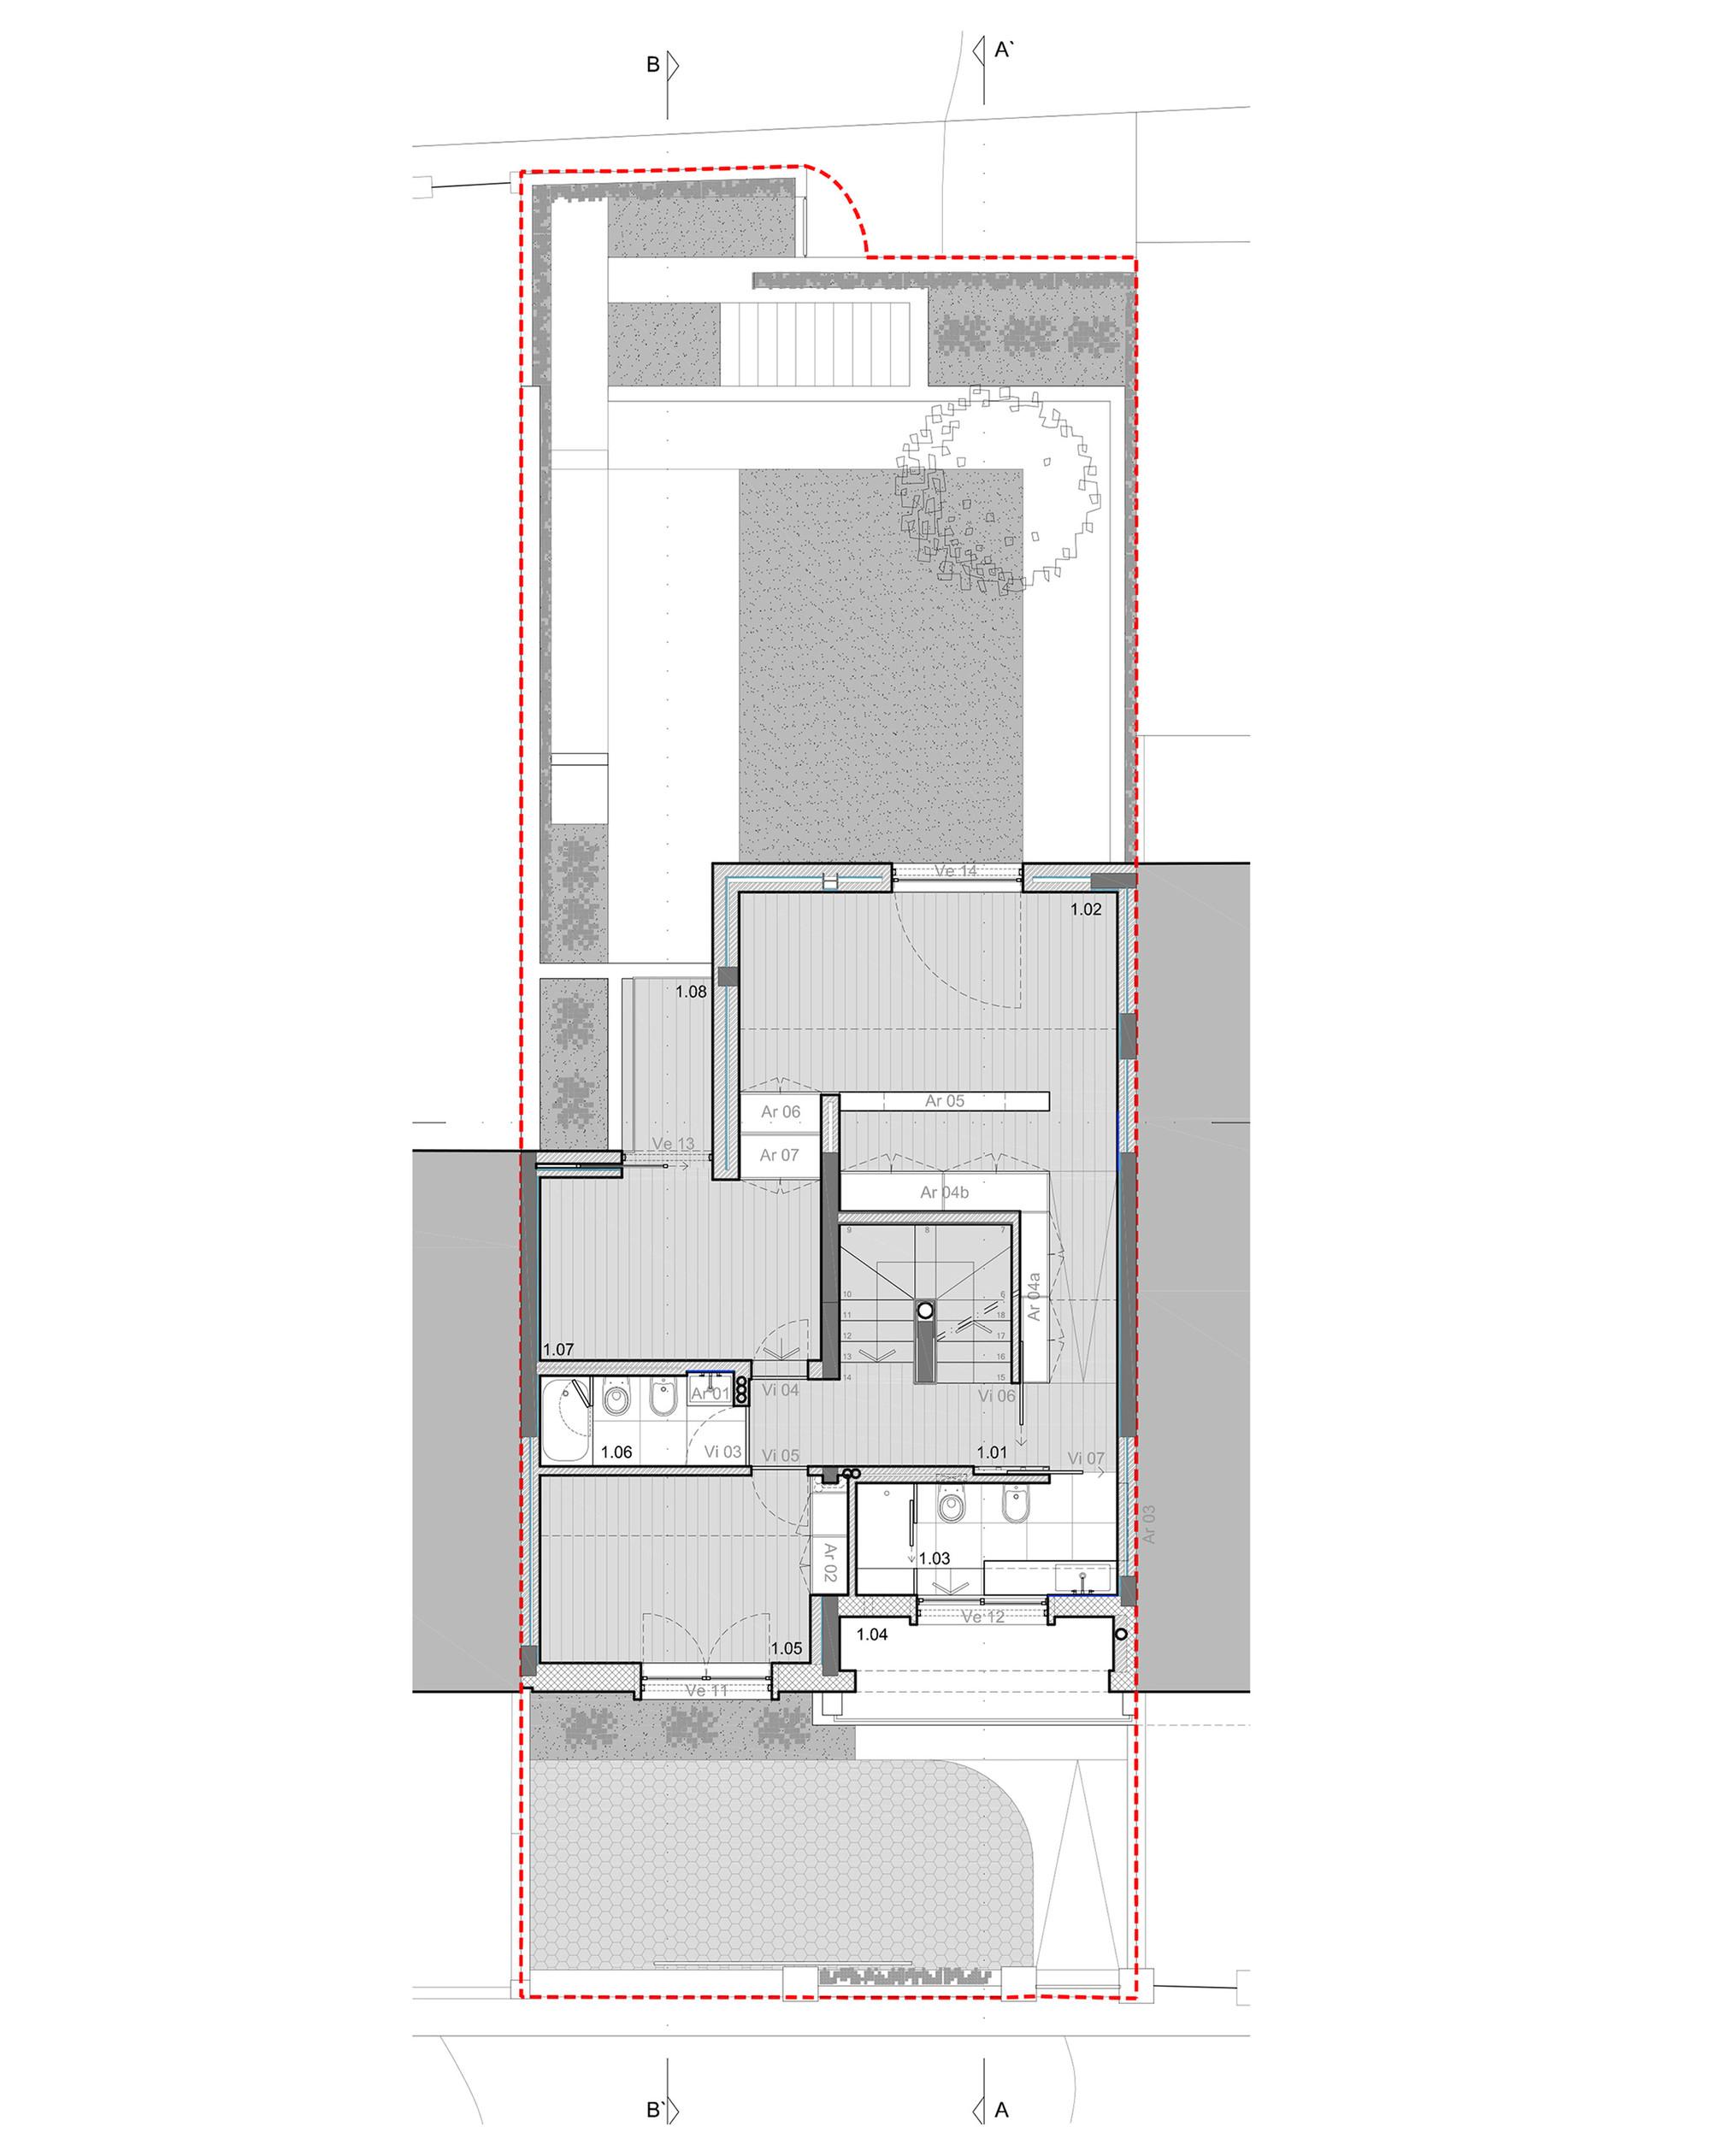 (S:\Projectos\300 - Habita347343o Unifamiliar\387 - Moradia